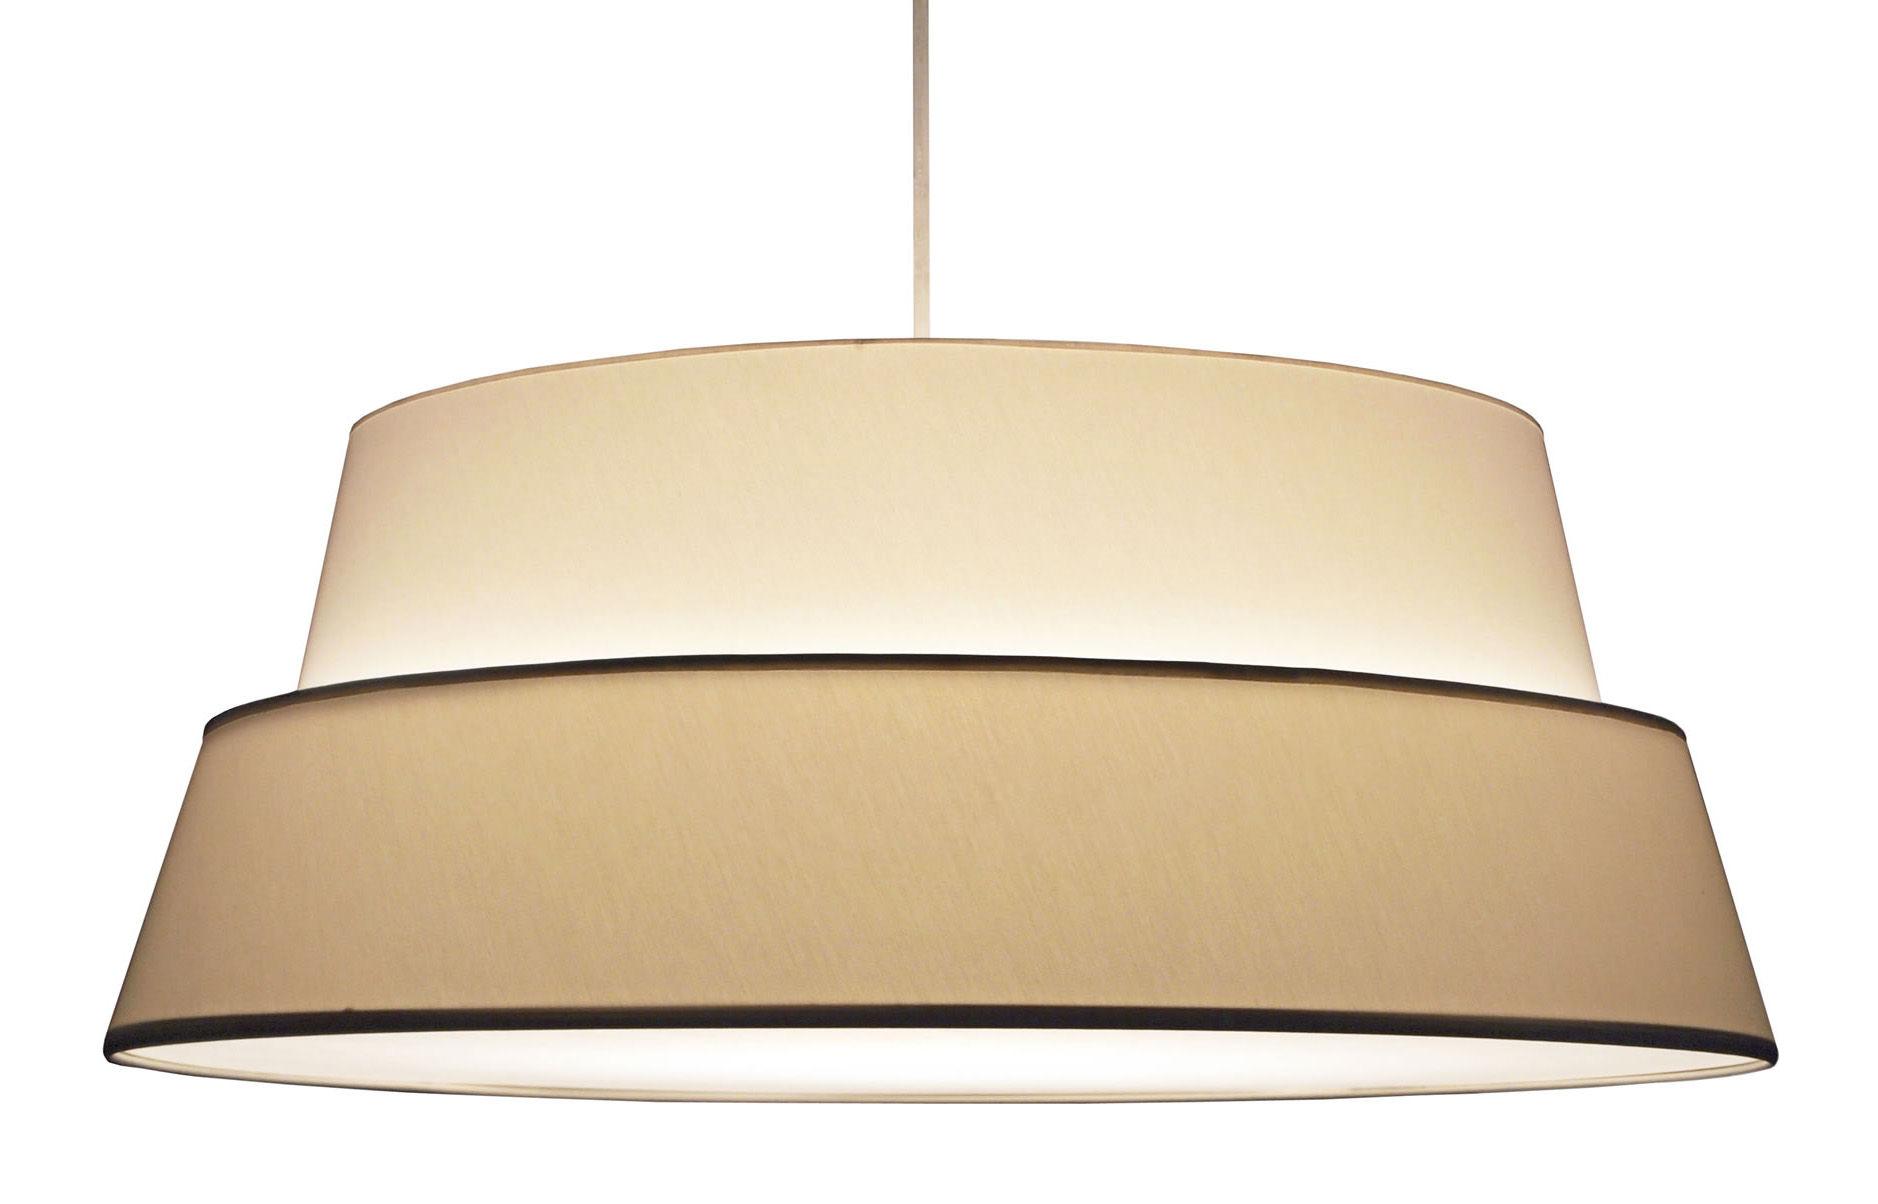 abat jour photo pour lampadaire nuala blanc cru. Black Bedroom Furniture Sets. Home Design Ideas